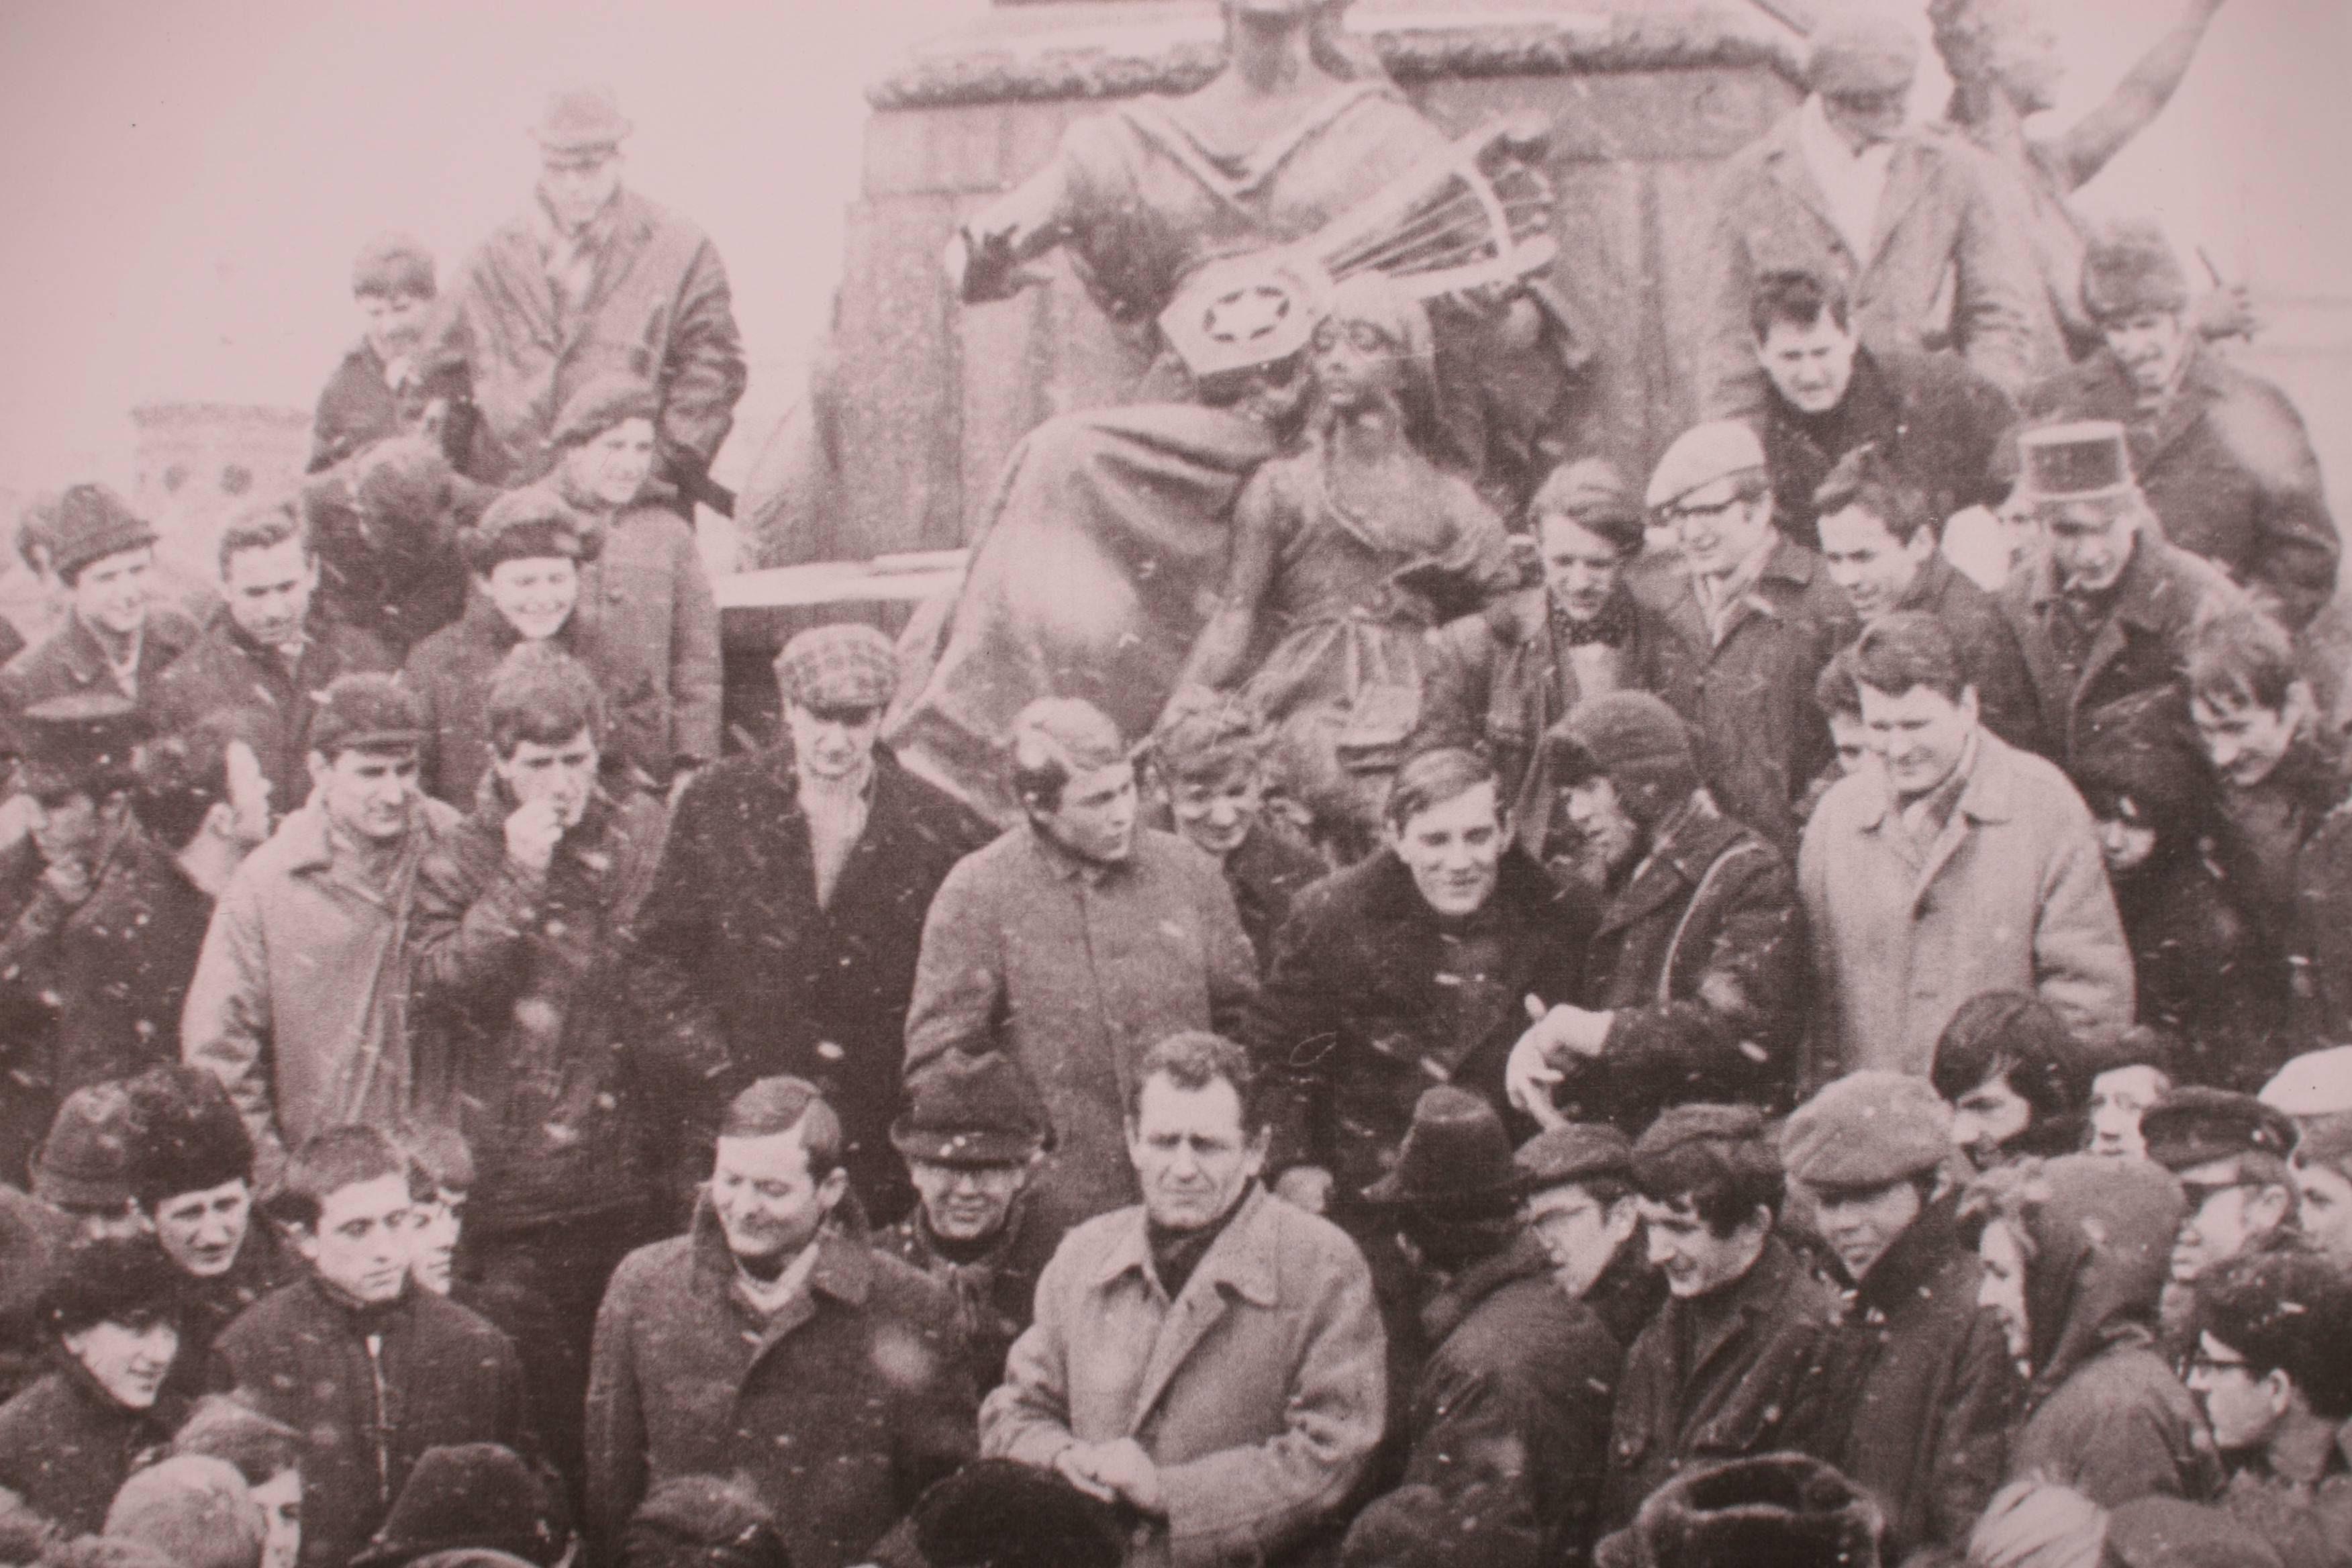 Wystawa 'Marzec 1968 w Krakowie'. Reprodukcja zdjęcia 'Manifestacja na Rynku Głównym, 11 marzec 1968' (fot. Michał Łepecki / Agencja Gazeta)